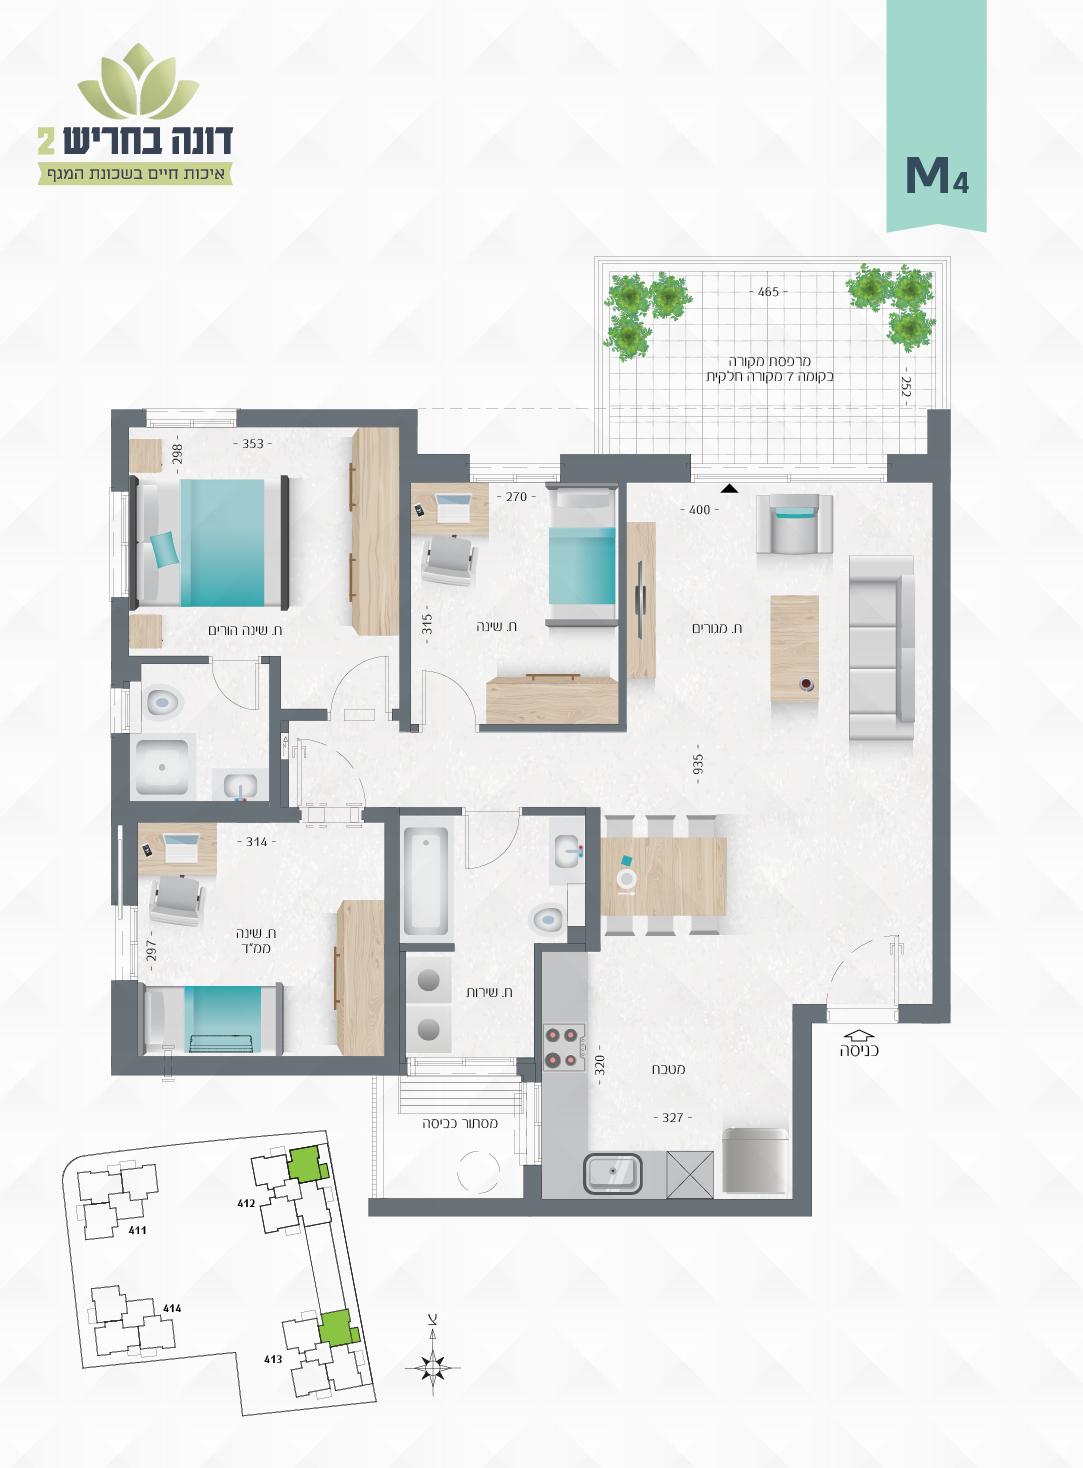 M4 2 דונה בחריש, דירות בחריש, תכנית דירה